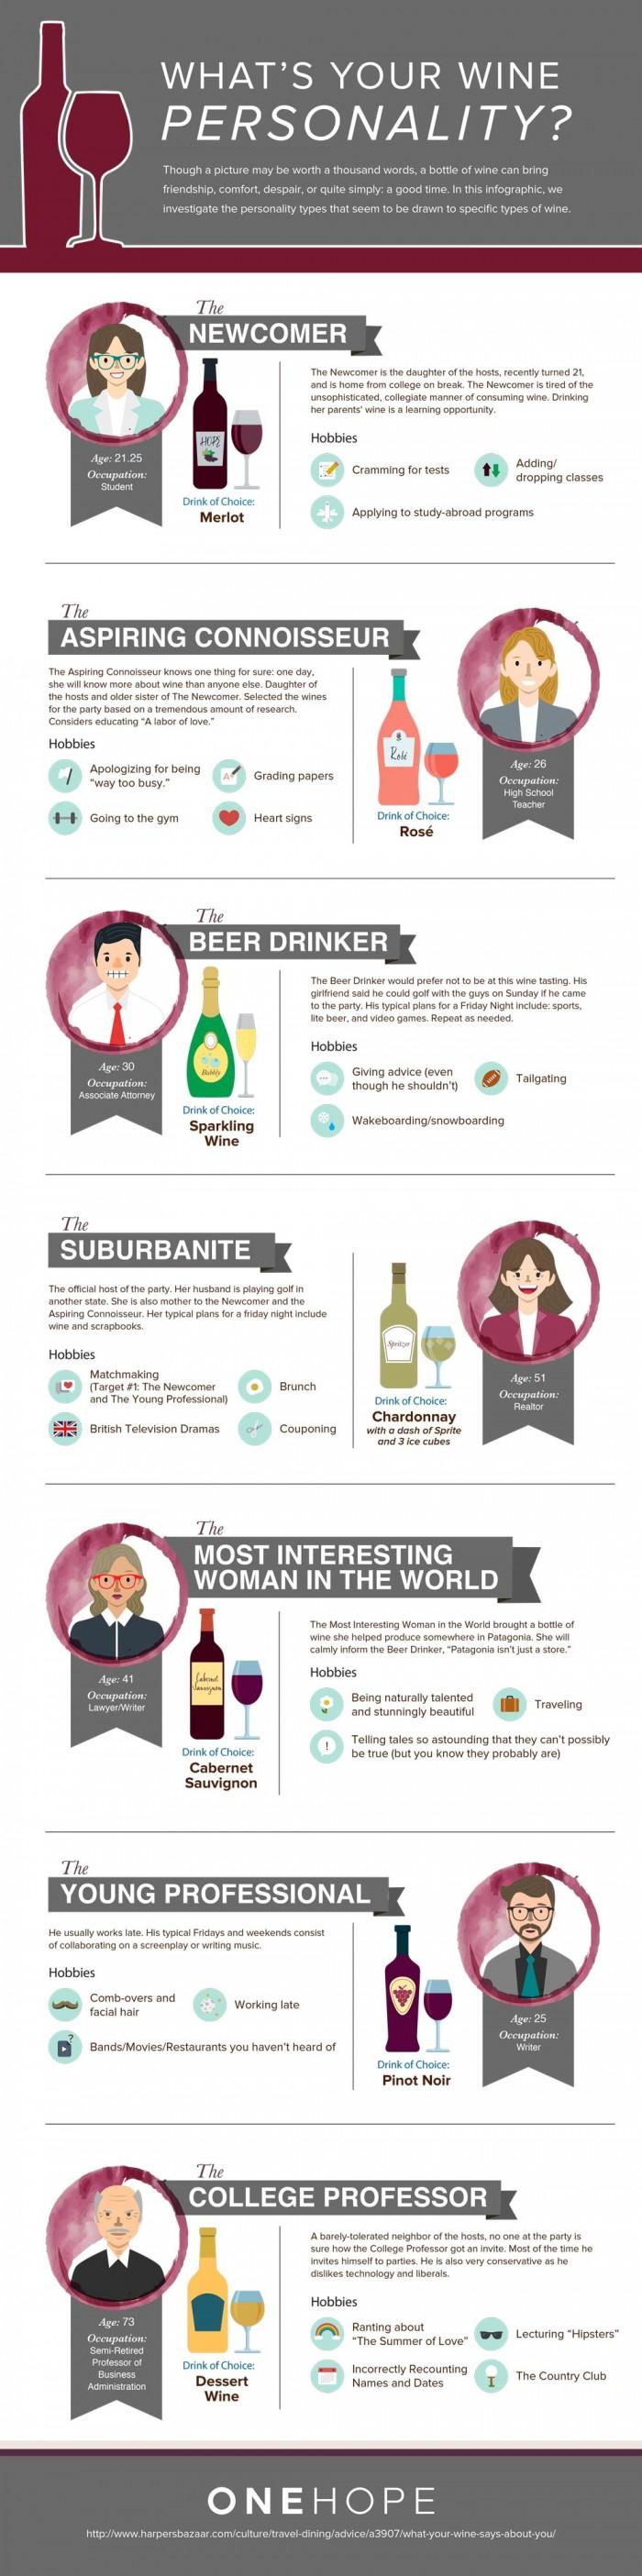 Wine-Personality_1000x-700x2809